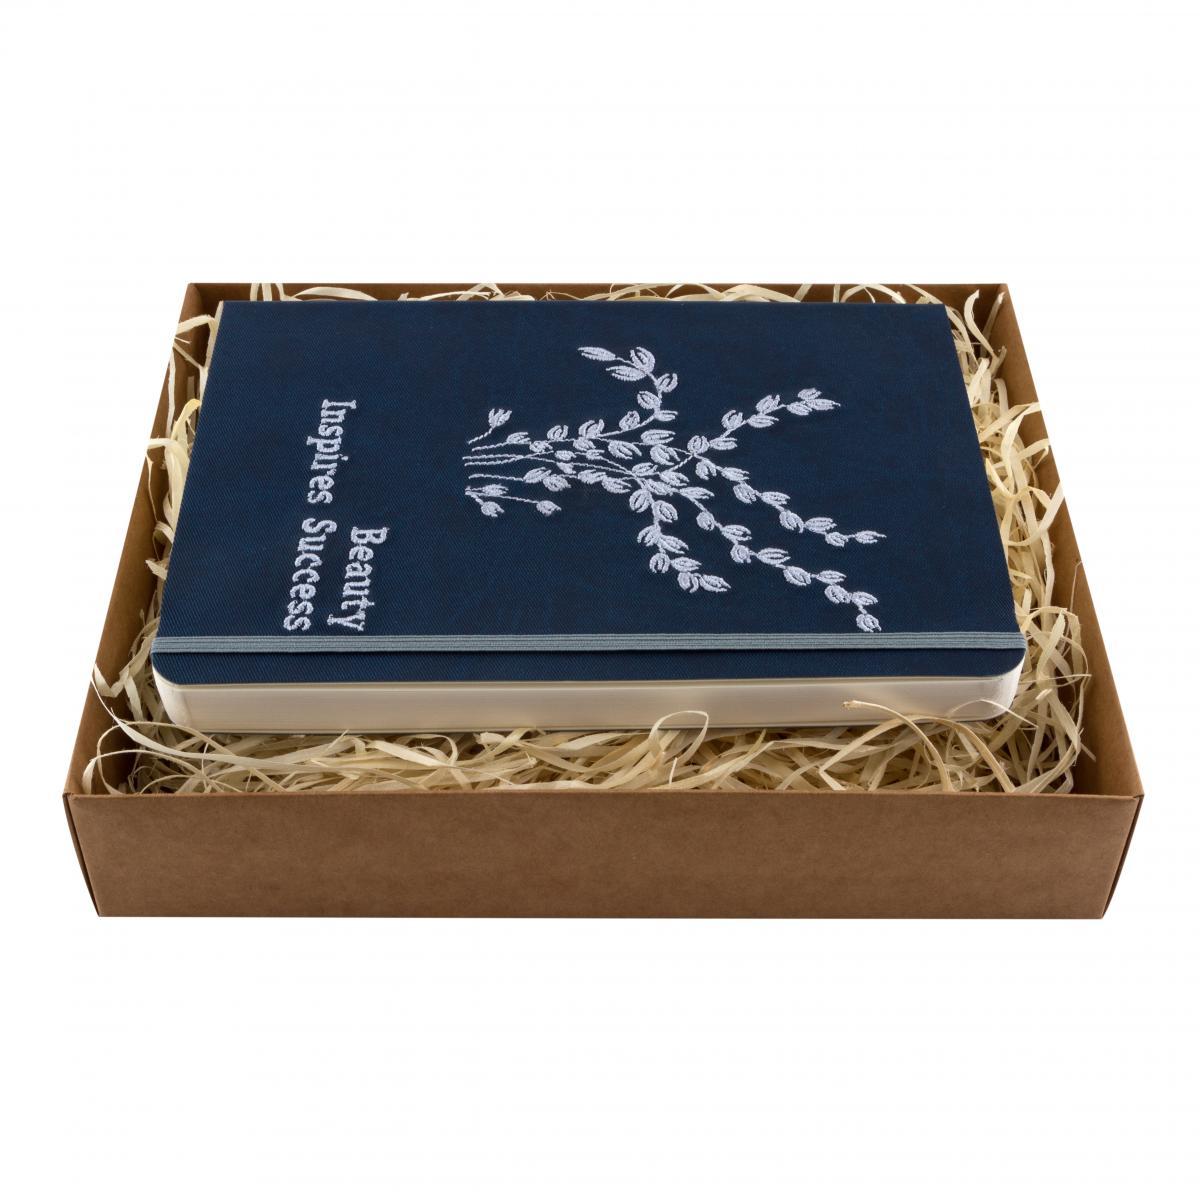 Блокнот с эко-кожи с вышивкой Beauty inspires success. Фото №1. | Народный дом Украина